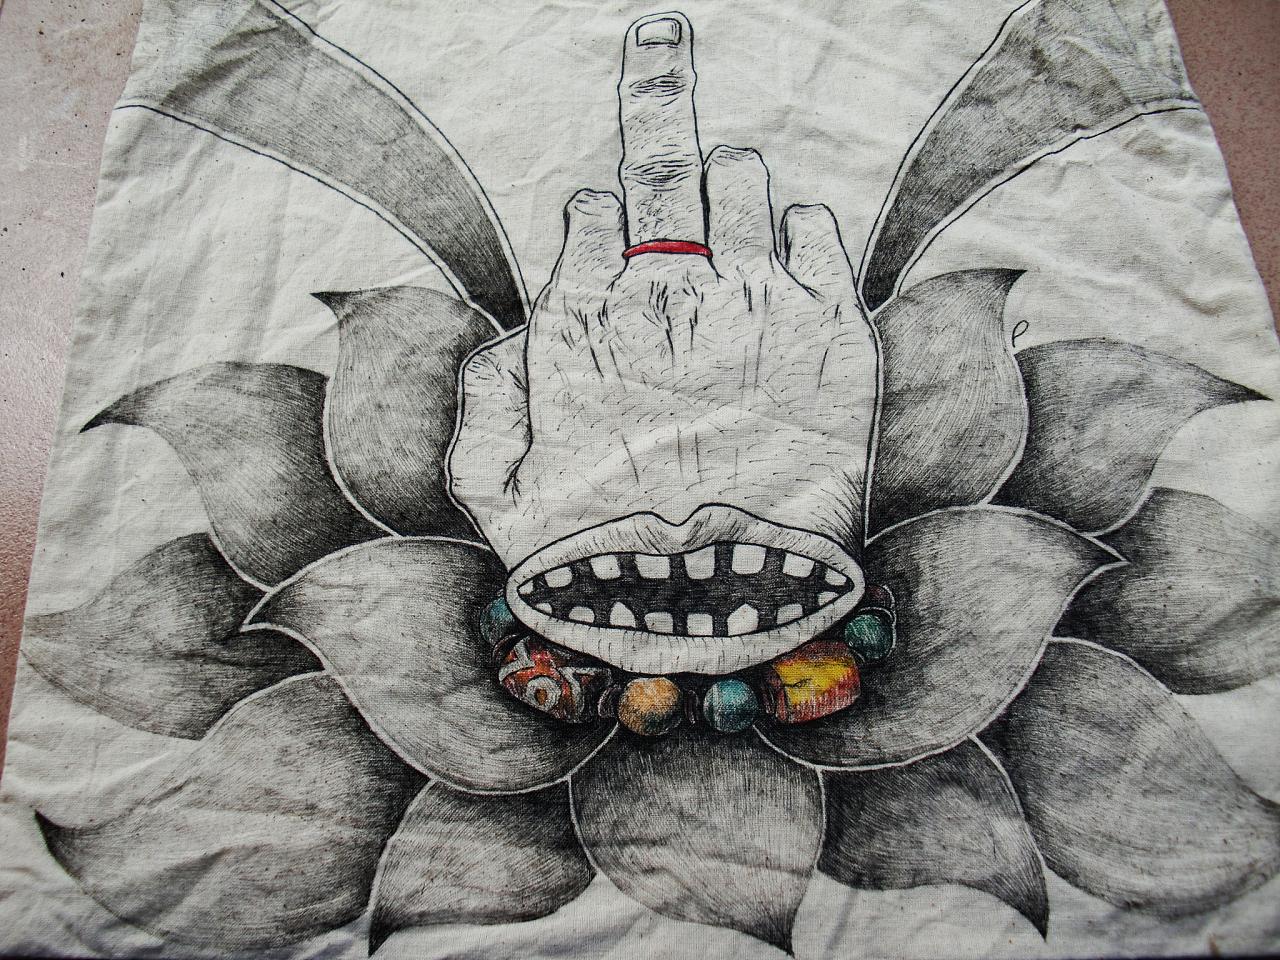 和一个购物袋的手绘插画创作   t恤上的 都是佛手的变形 结合装饰性的